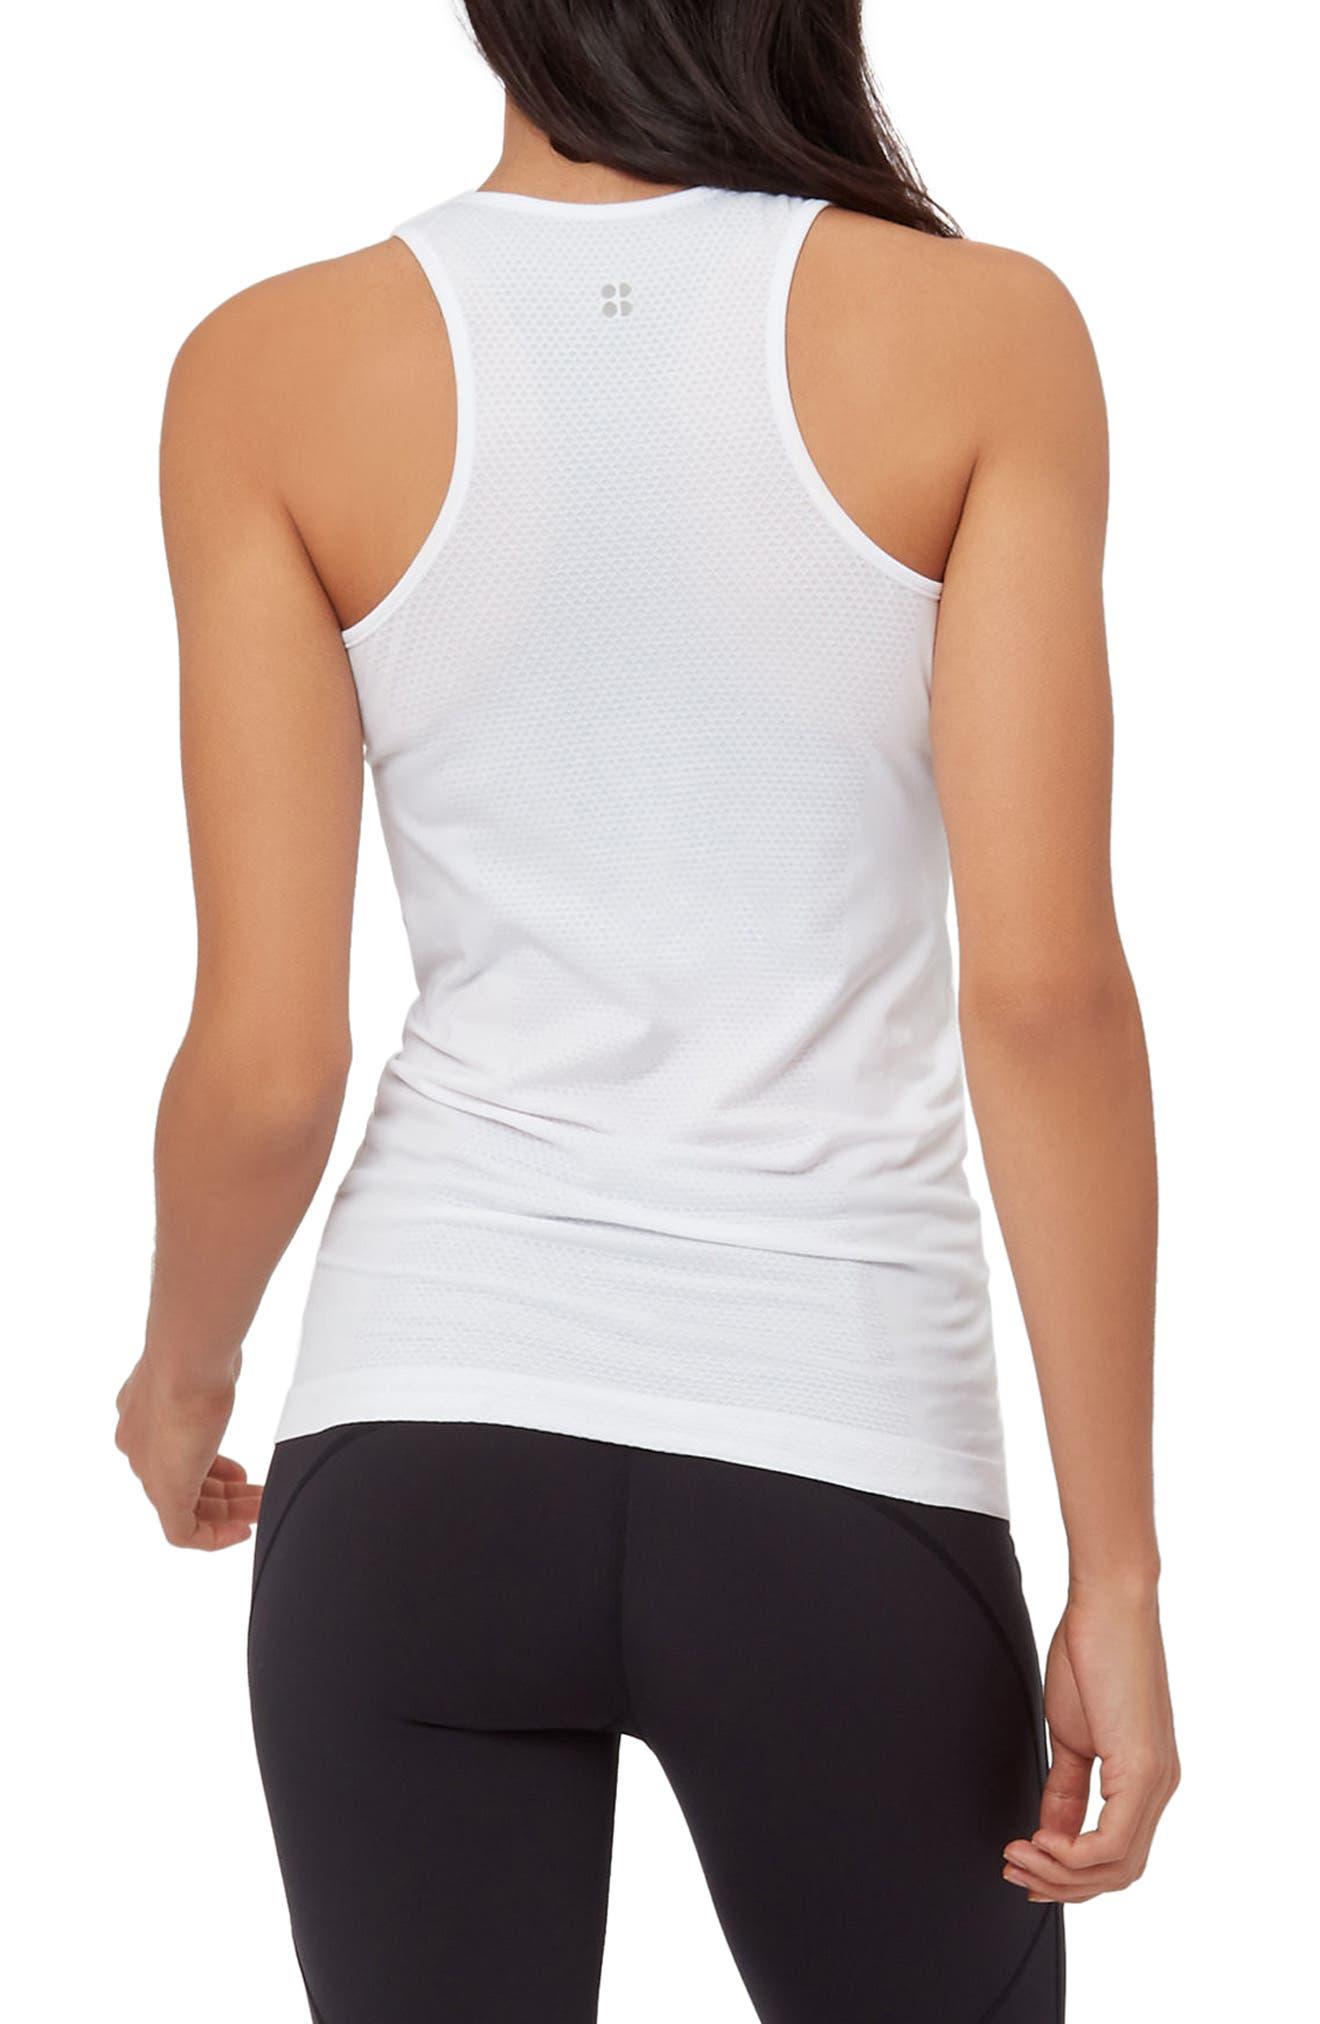 Athlete Seamless Workout Tank,                             Alternate thumbnail 2, color,                             White